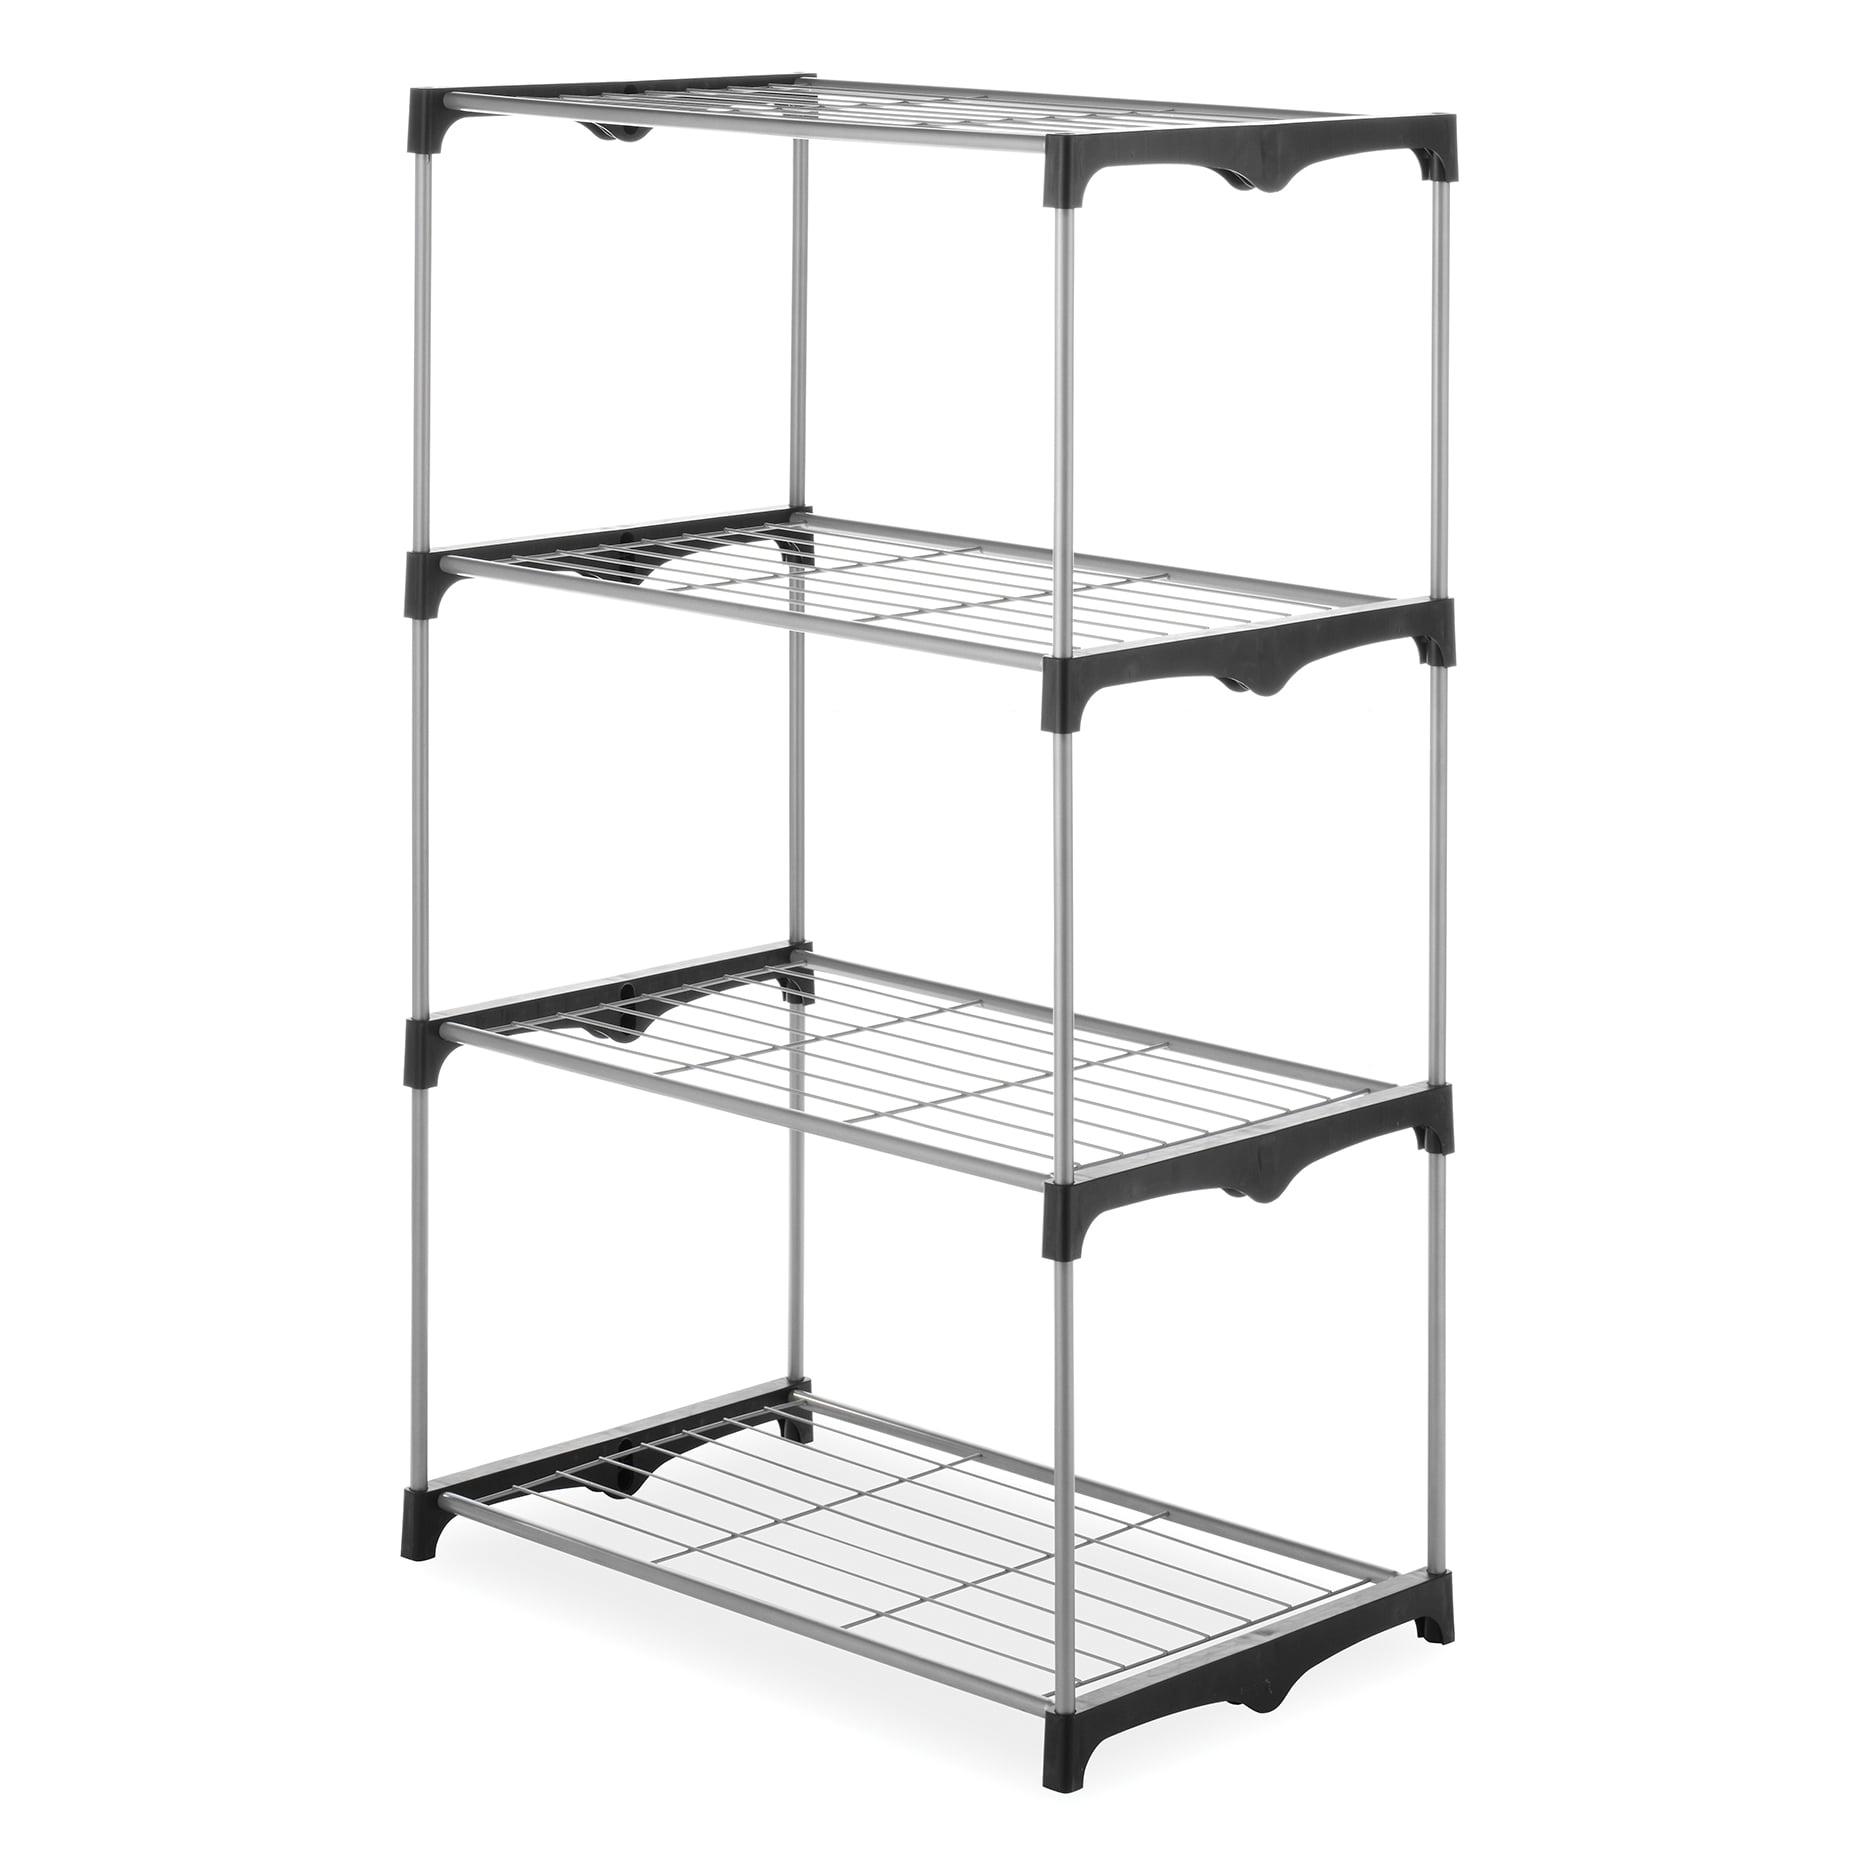 Whitmor 4 Tier Closet Shelves Silver / Black